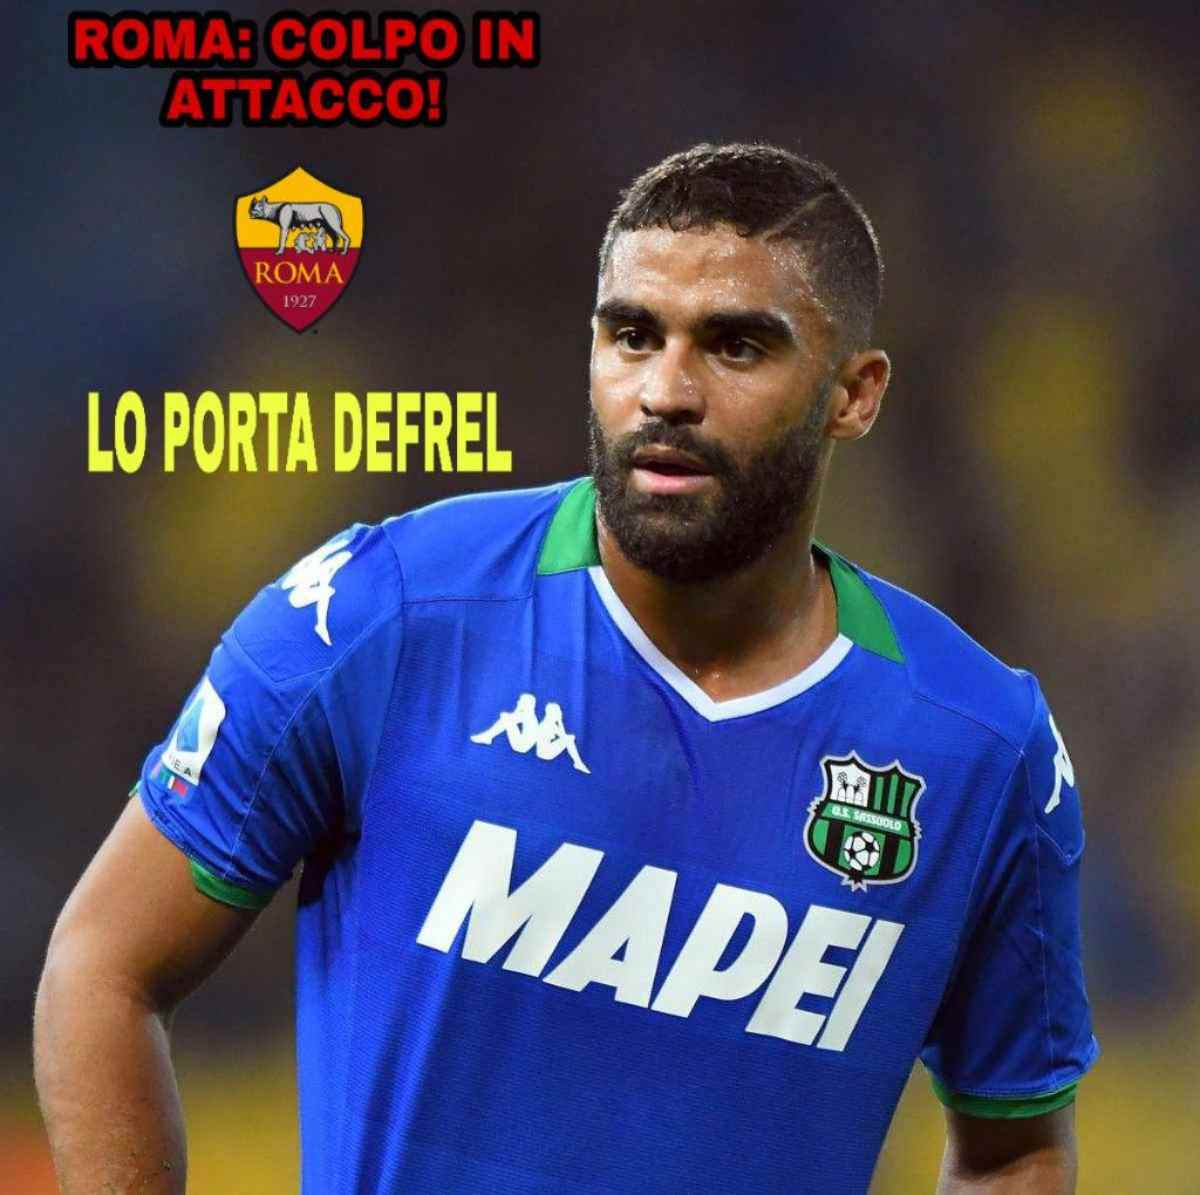 Roma: colpo in attacco, lo porta Defrel